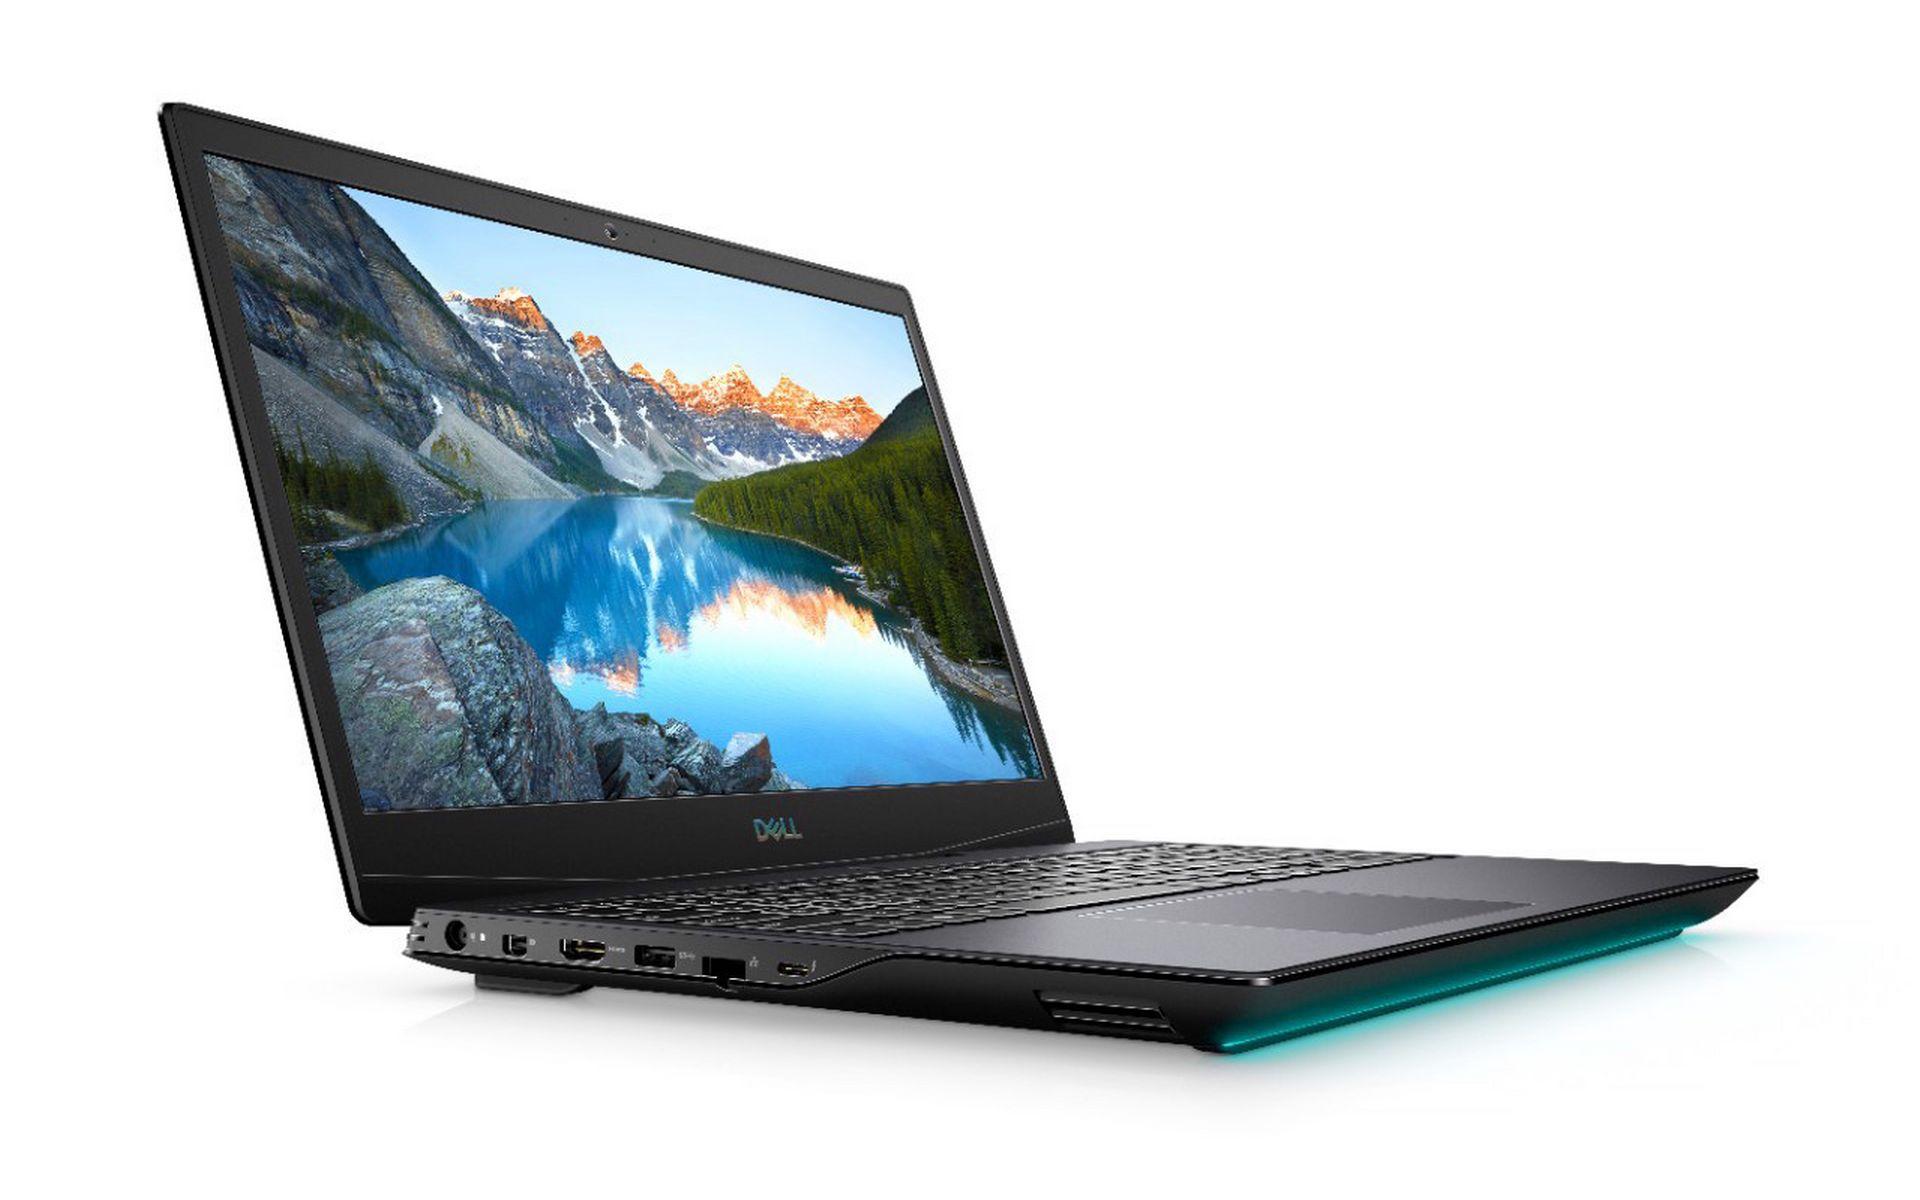 Laptop Dell Gaming G5-5500-70225485 đi kèm với Windows 10 Home SL 64 bit